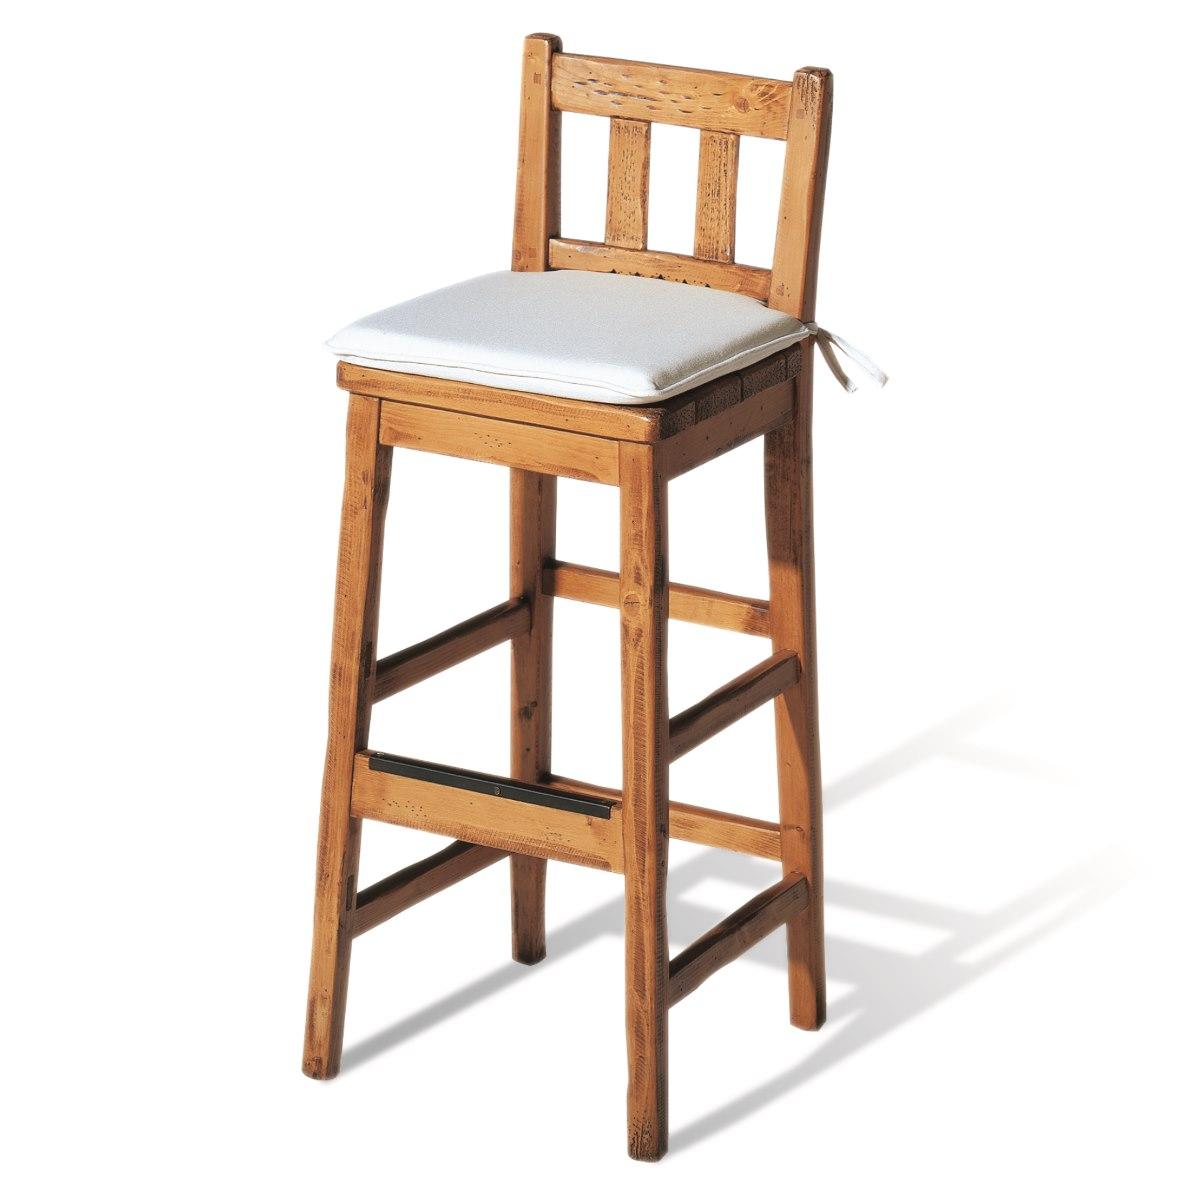 Taburete bar r stico de madera ecor stico venta de muebles for Taburete bar madera